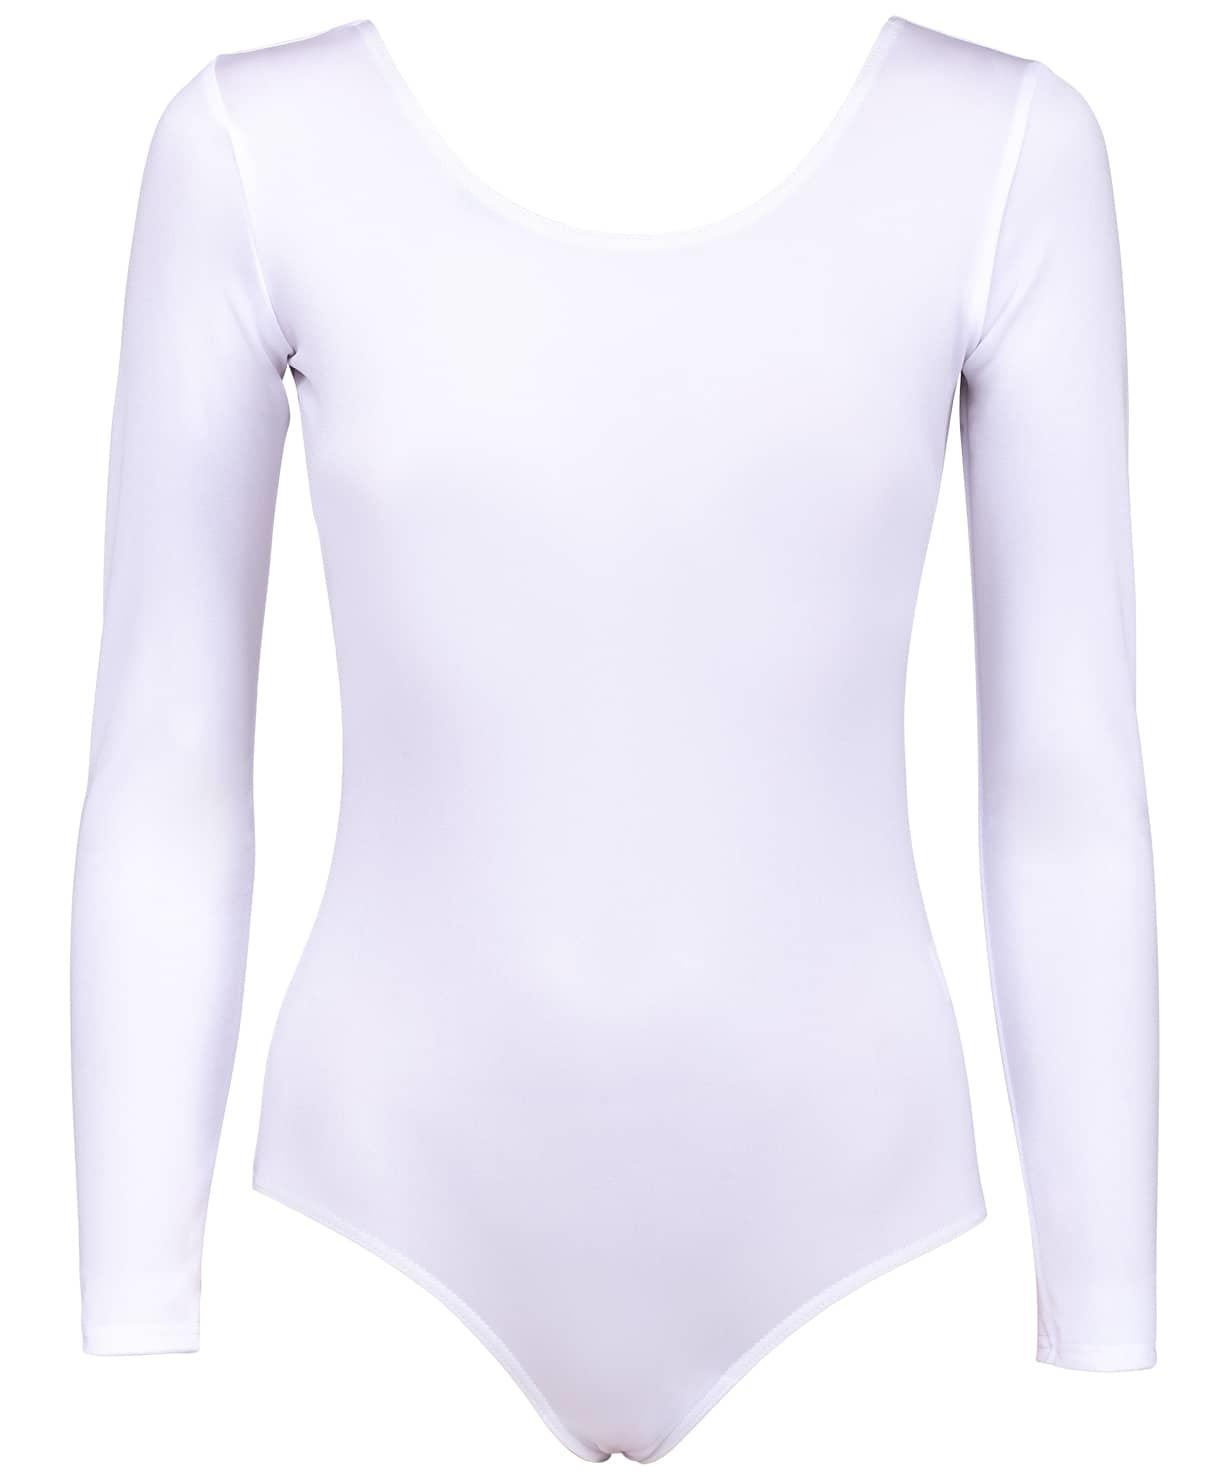 Купальник гимнастический AA-142, с длинным рукавом, полиамид, белый (36-42)